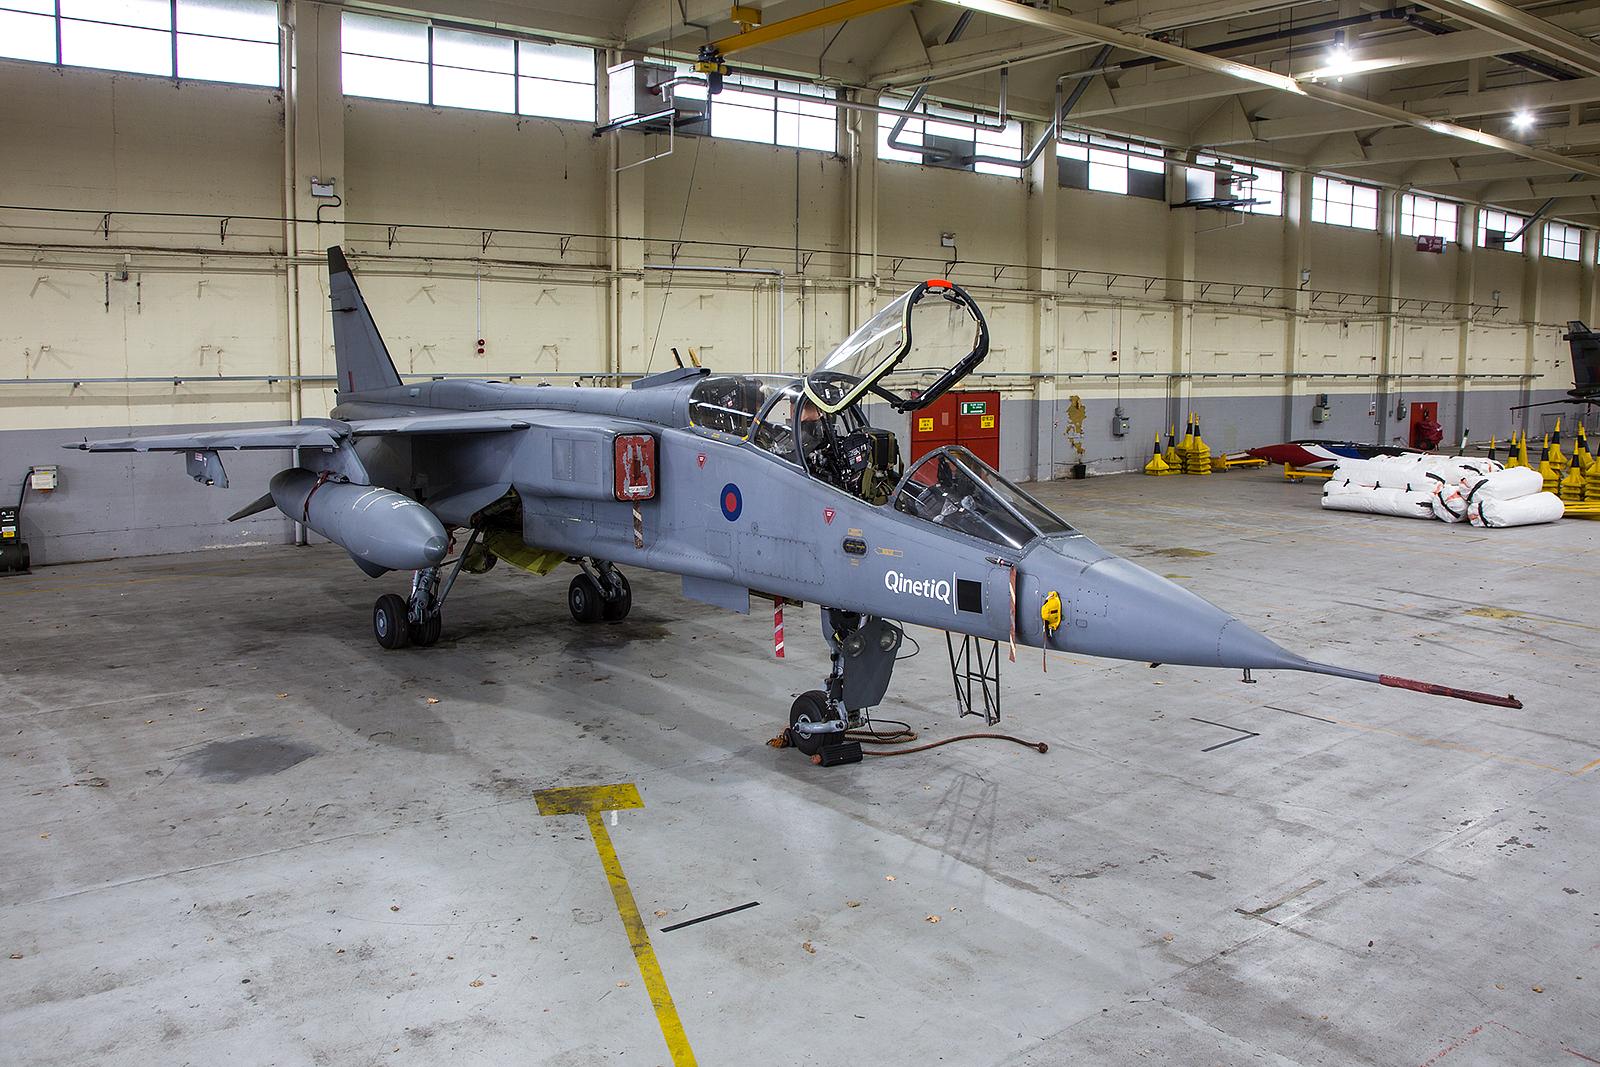 38 Exemplare des Doppelsitzige Trainers T.2 flogen bei der Royal Air Force.